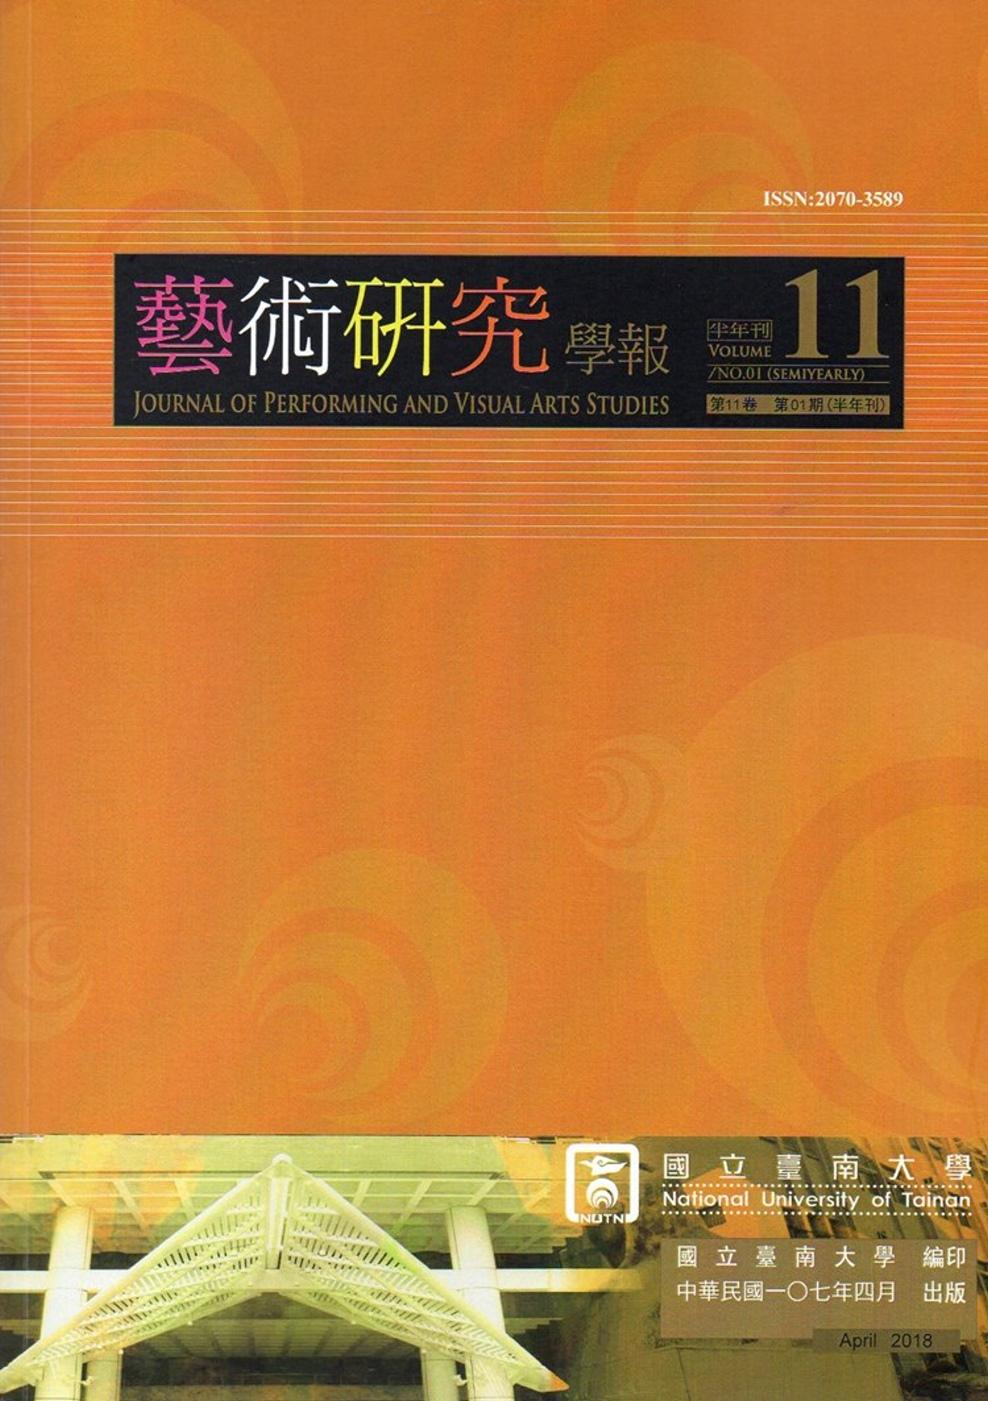 藝術研究學報第11卷1期(107/04)